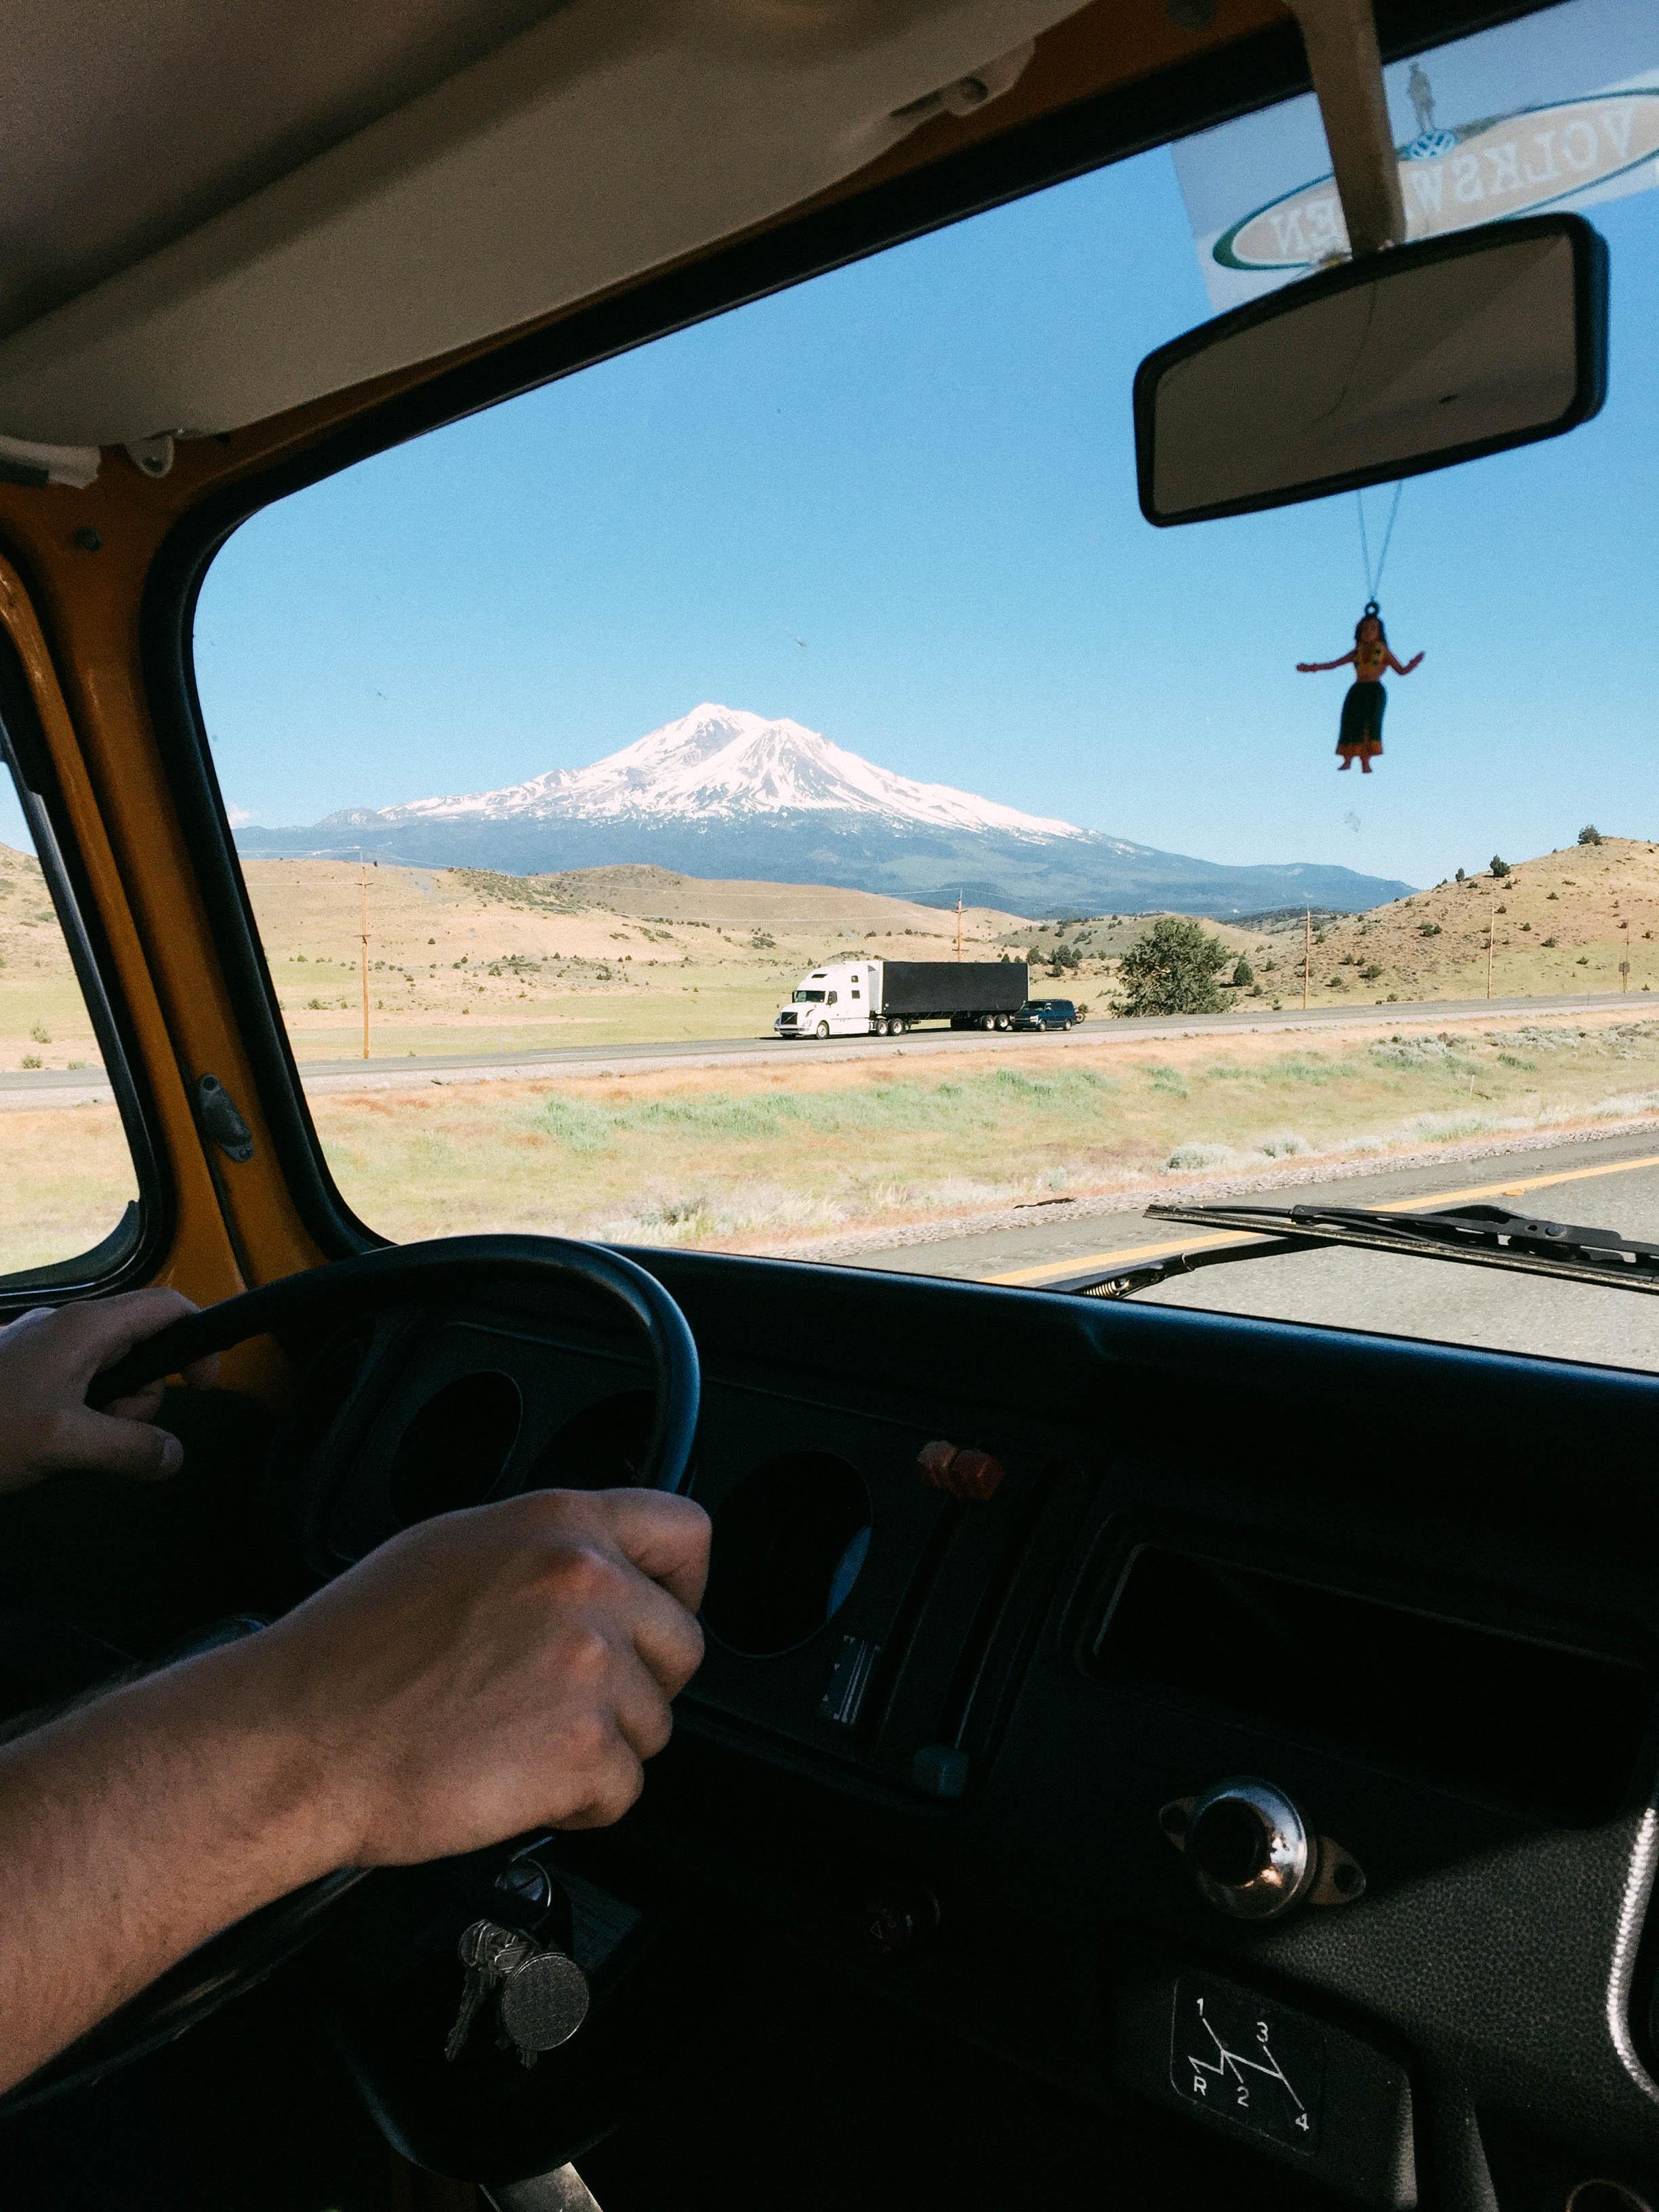 tahoe vw road trip-quinnsplace_3.jpg